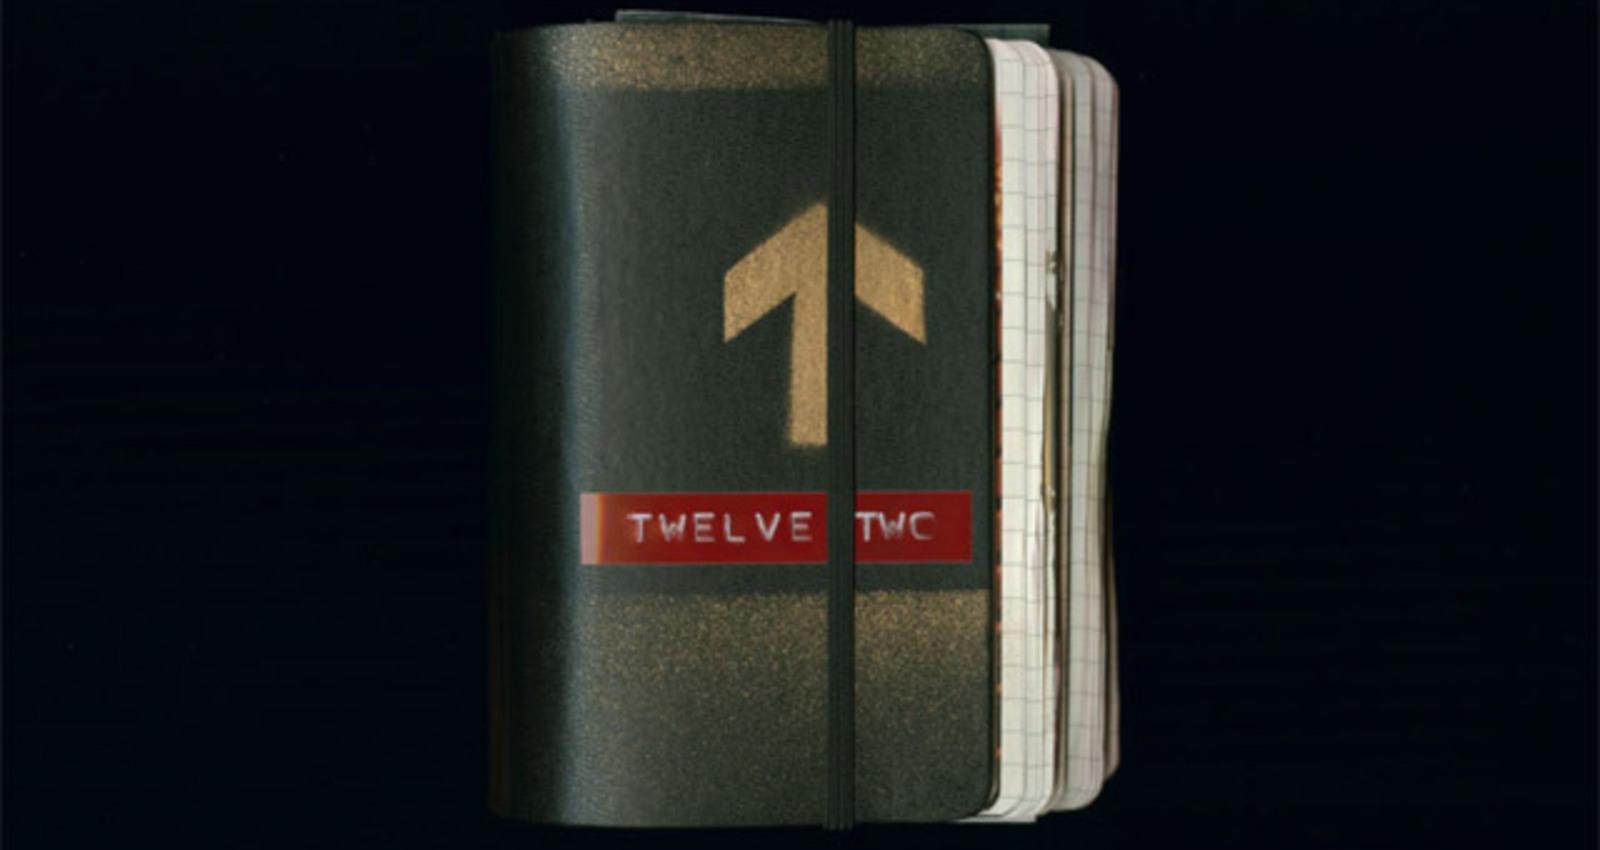 twelvetwo book